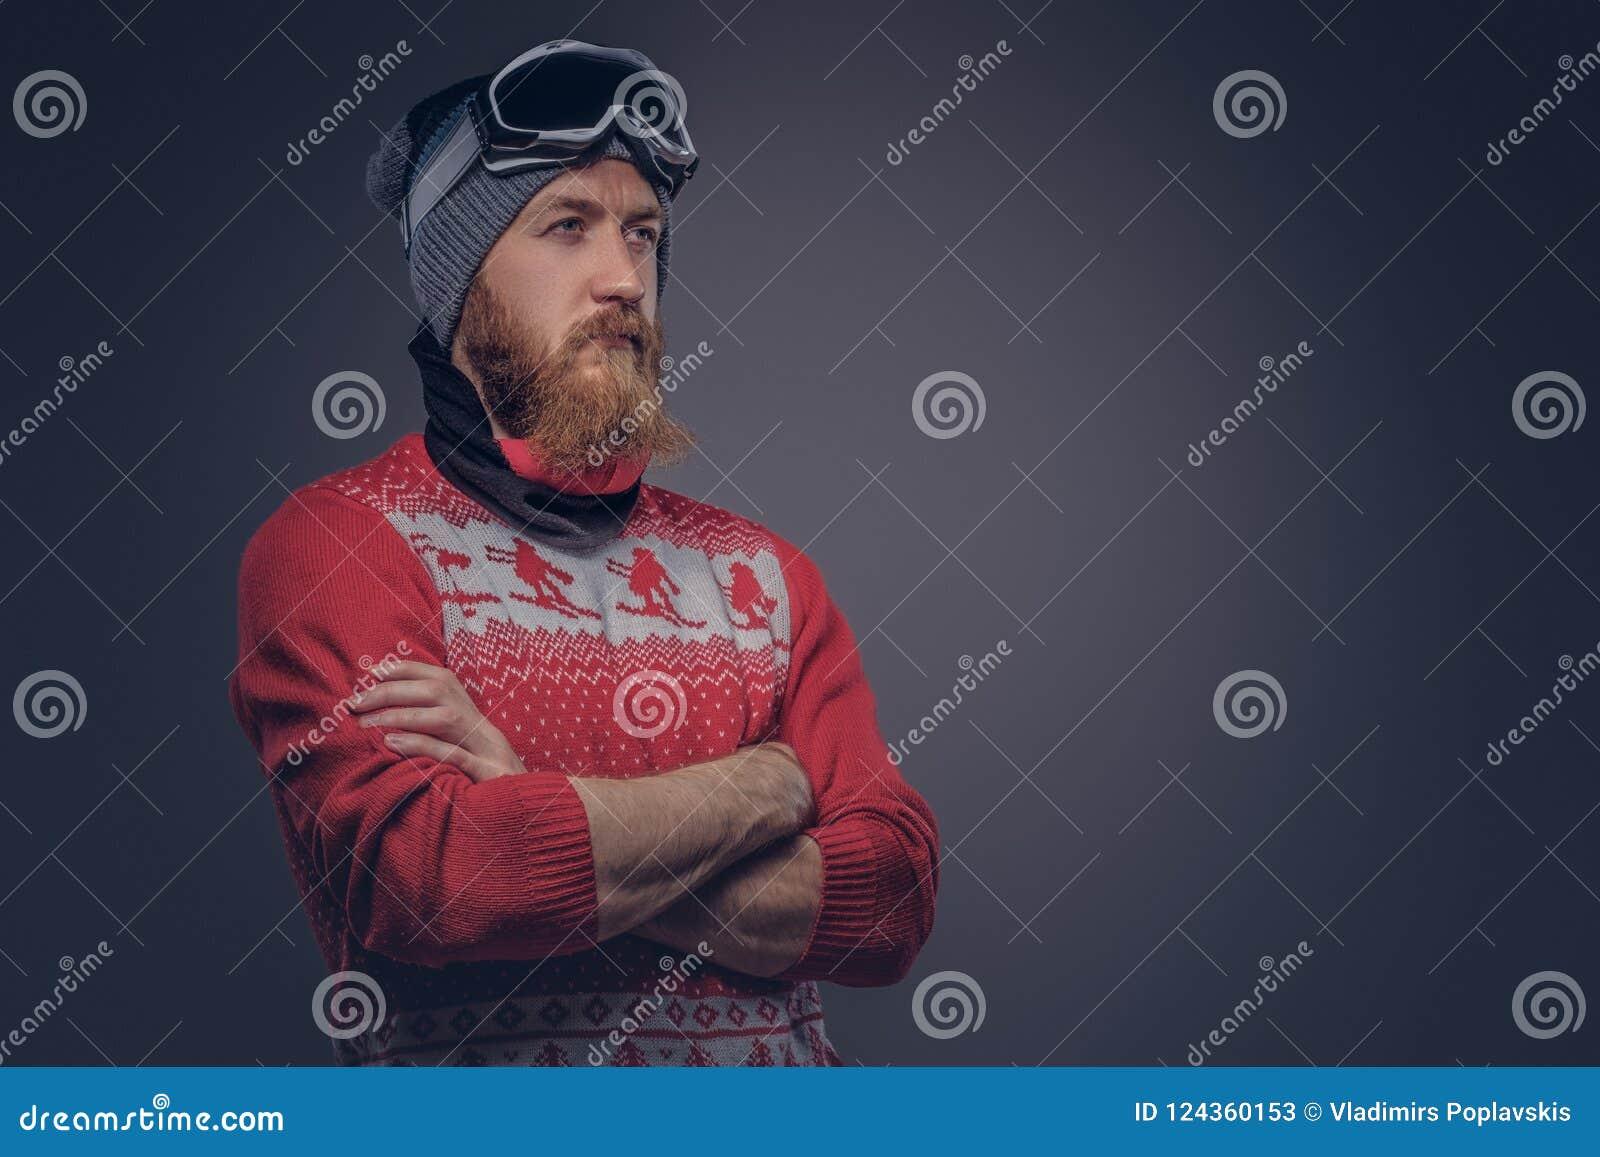 Πορτρέτο ενός βάναυσου redhead γενειοφόρου αρσενικού σε ένα χειμερινό καπέλο με τα προστατευτικά γυαλιά που ντύνονται σε ένα κόκκ